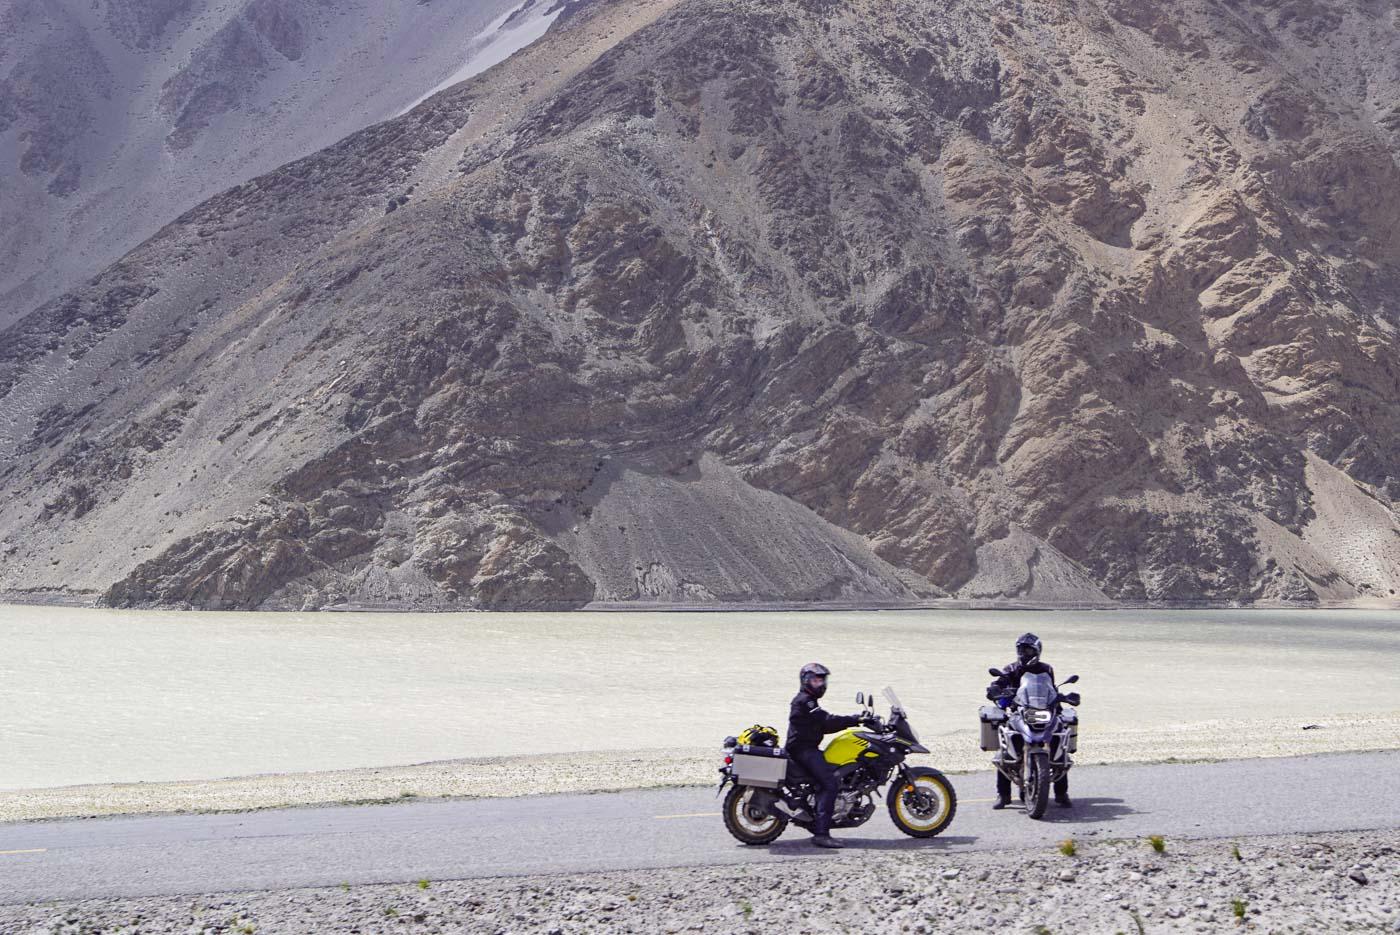 Johann und Mikael sitzen auf ihren Motorrädern und blicken in die Kamera dahinter ist ein brauner See zu sehen im Hintergrund erheben sich schroffe Berg Formationen.